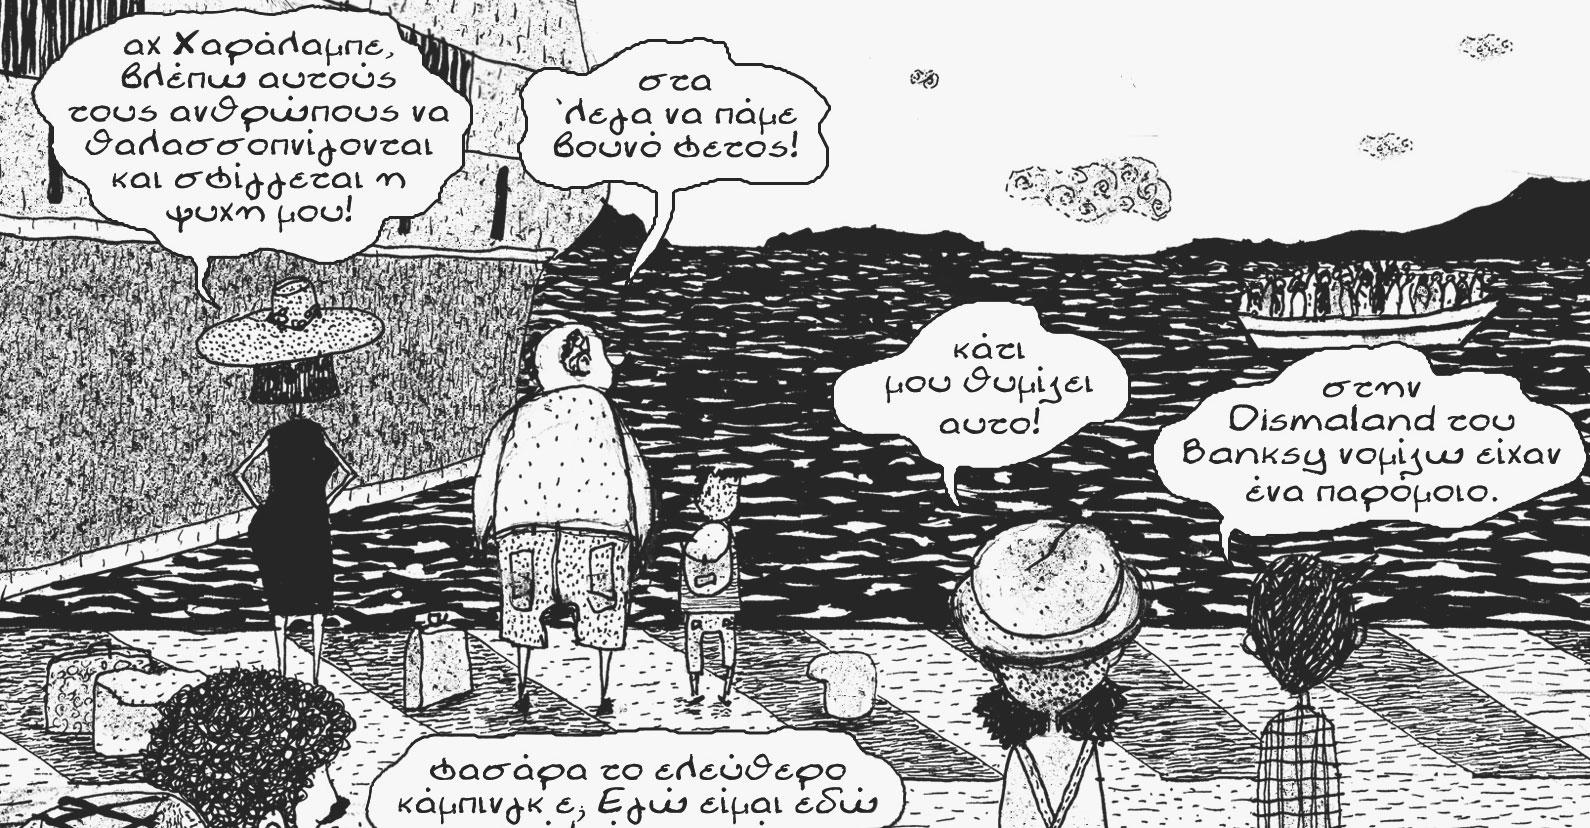 U45-Othoneou-odos_krisis1